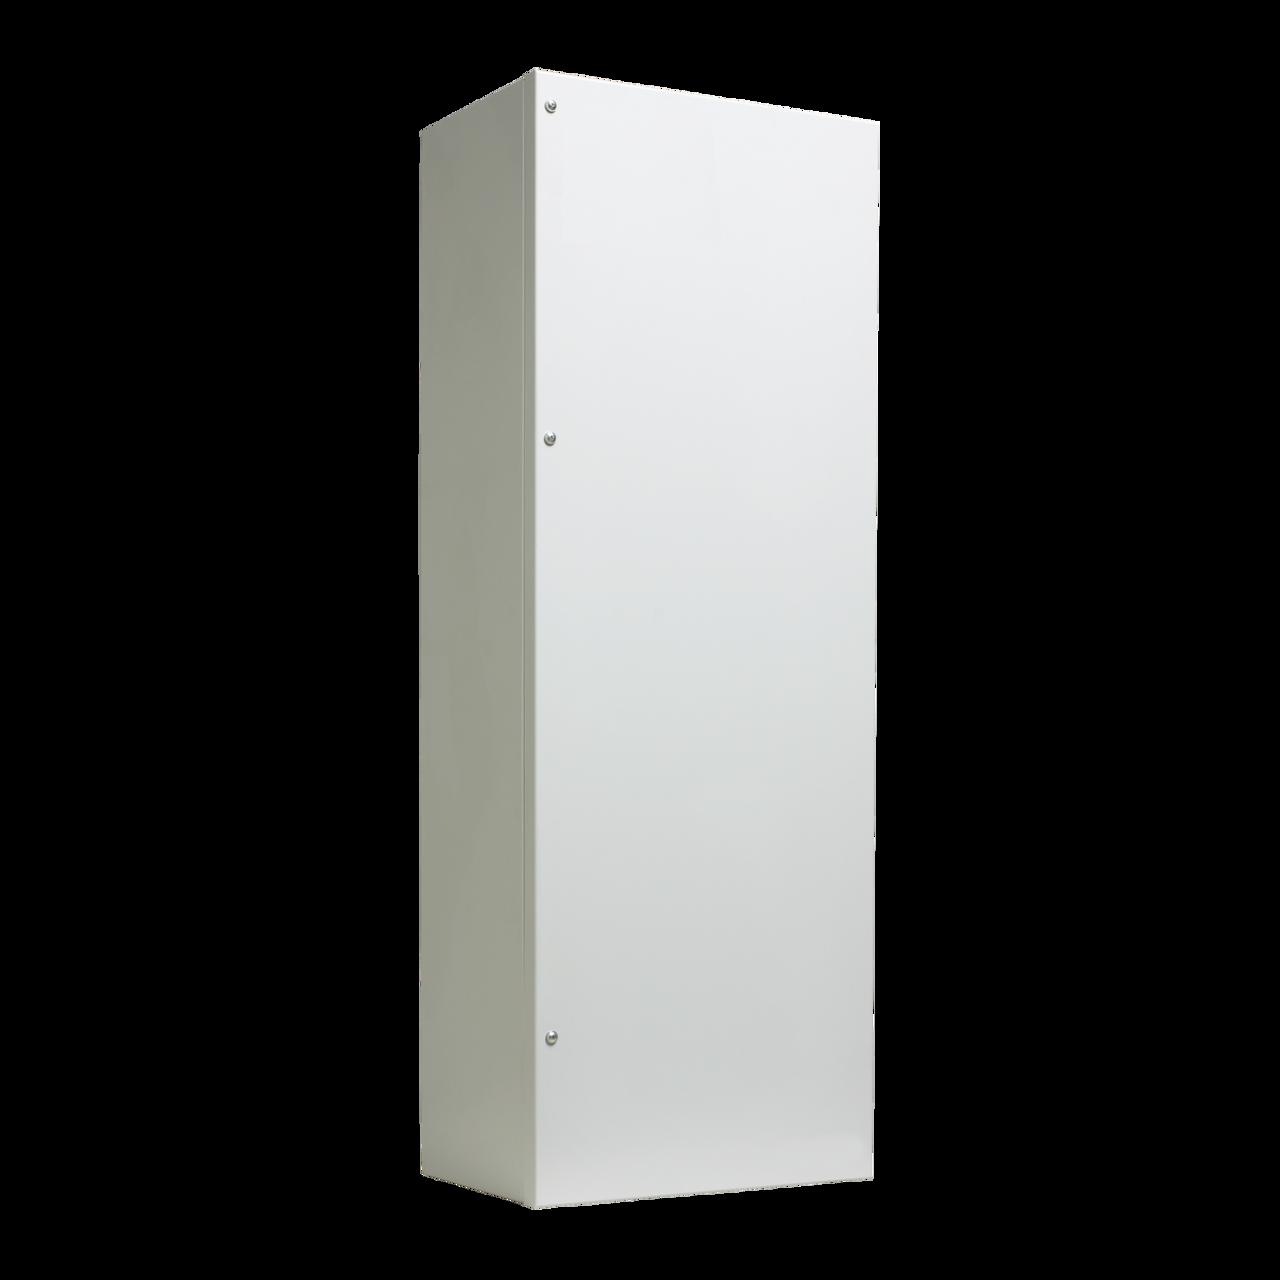 nVent HOFFMAN CR430816GW010